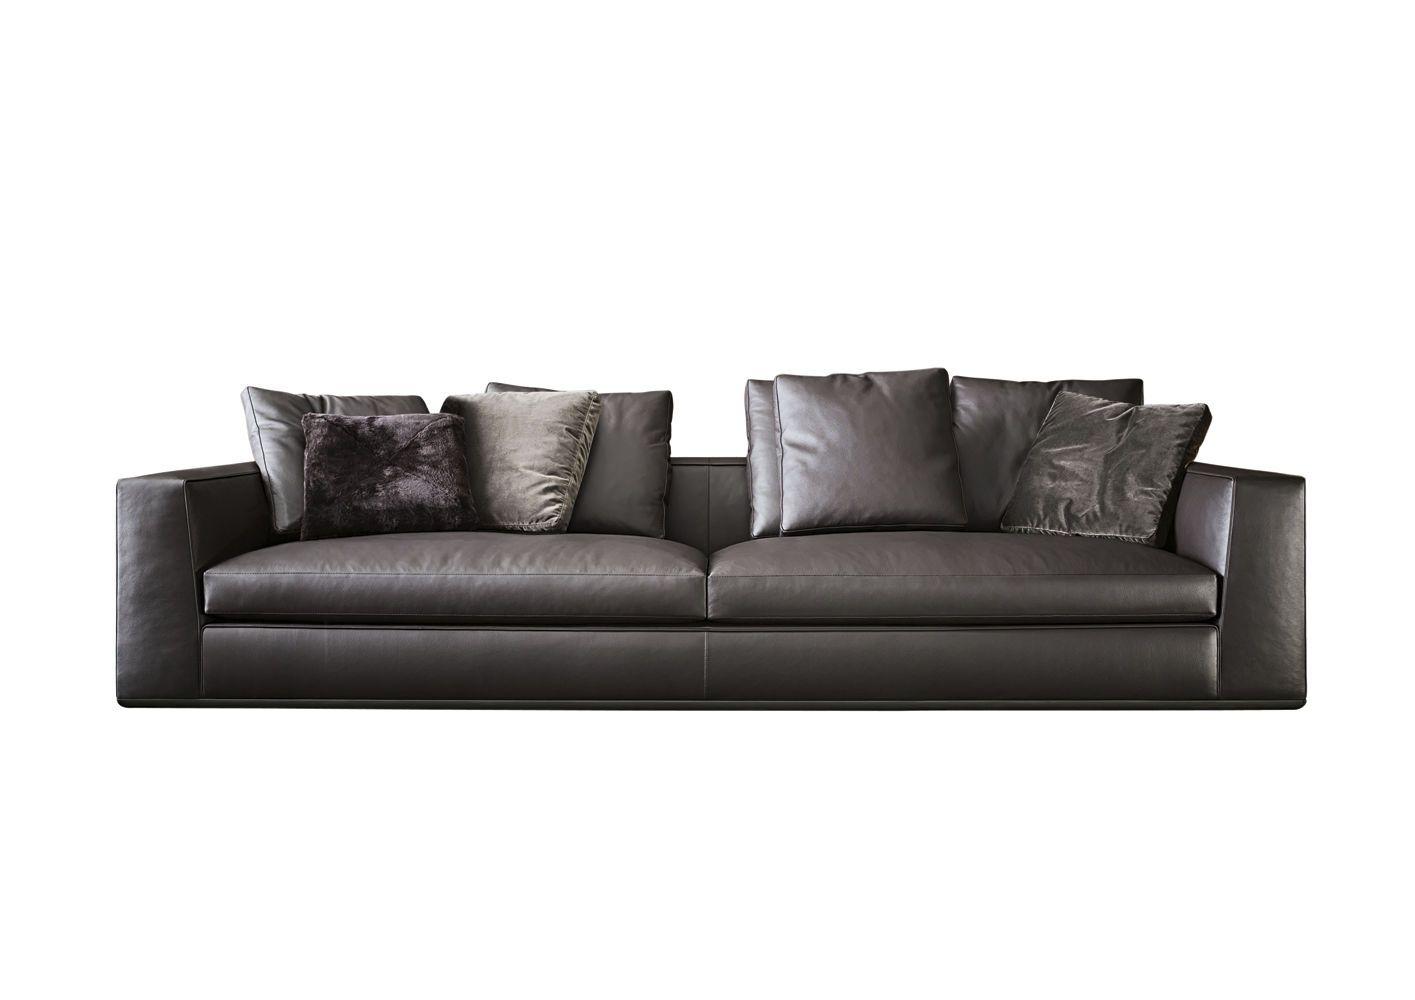 Contemporary Leather Sofa By Rodolfo Dordoni Powell112 Minotti